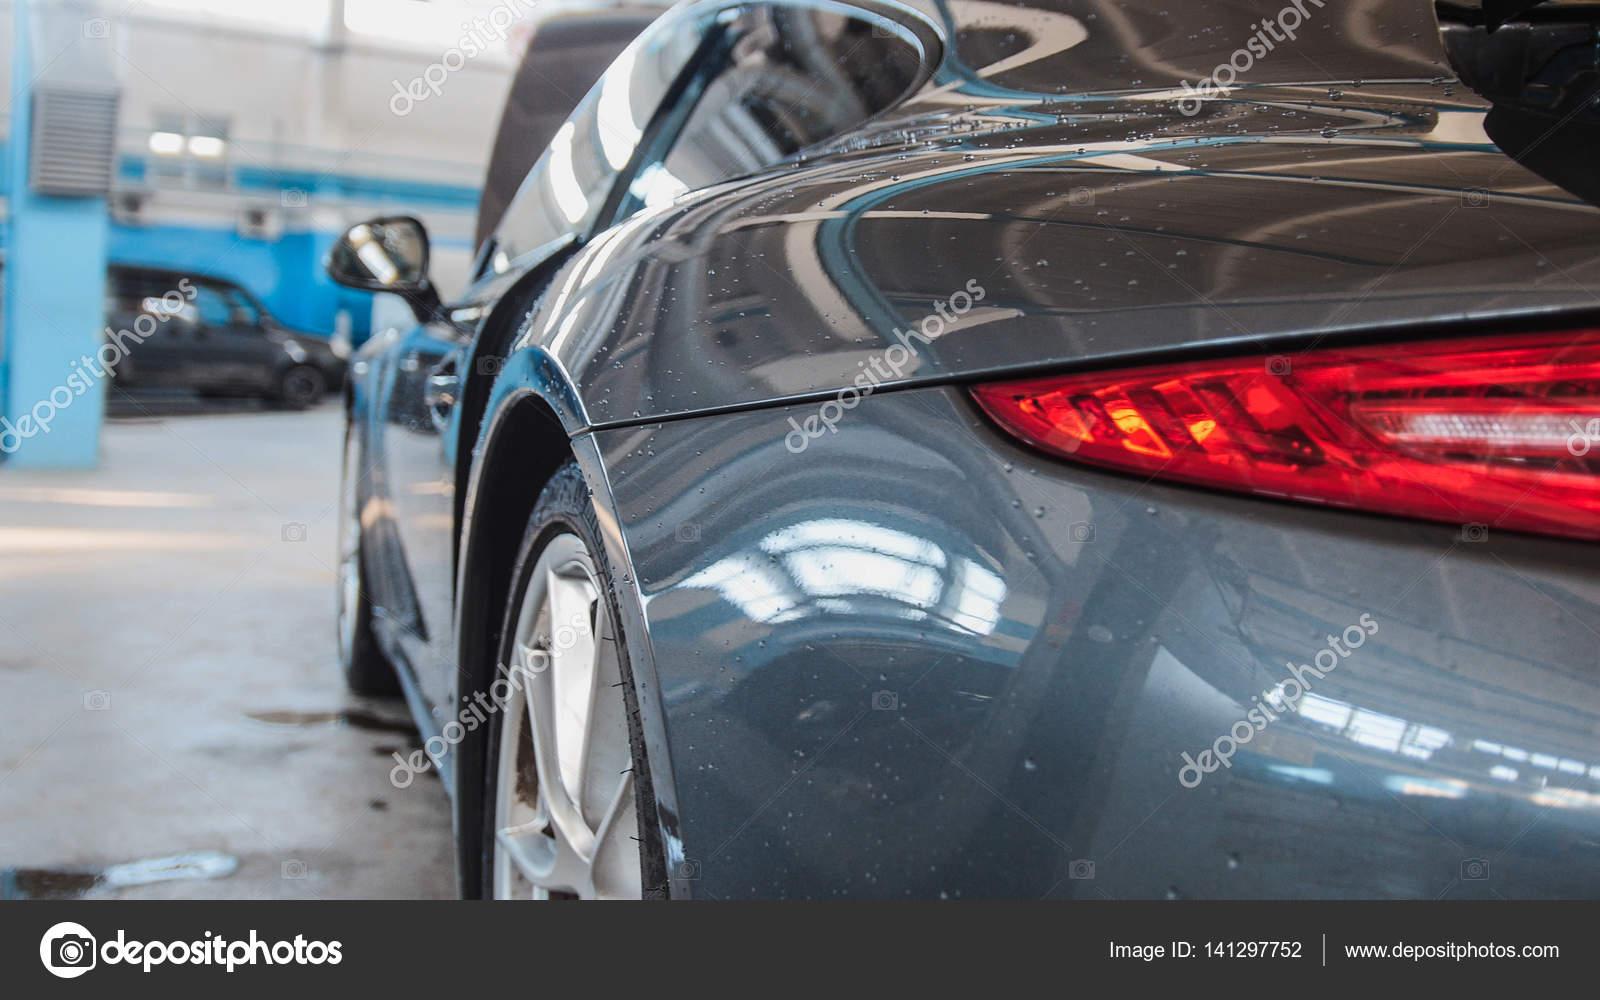 Garaż Samochodowy Luksusowy Samochód Sport Stojący Na Sprawdzanie